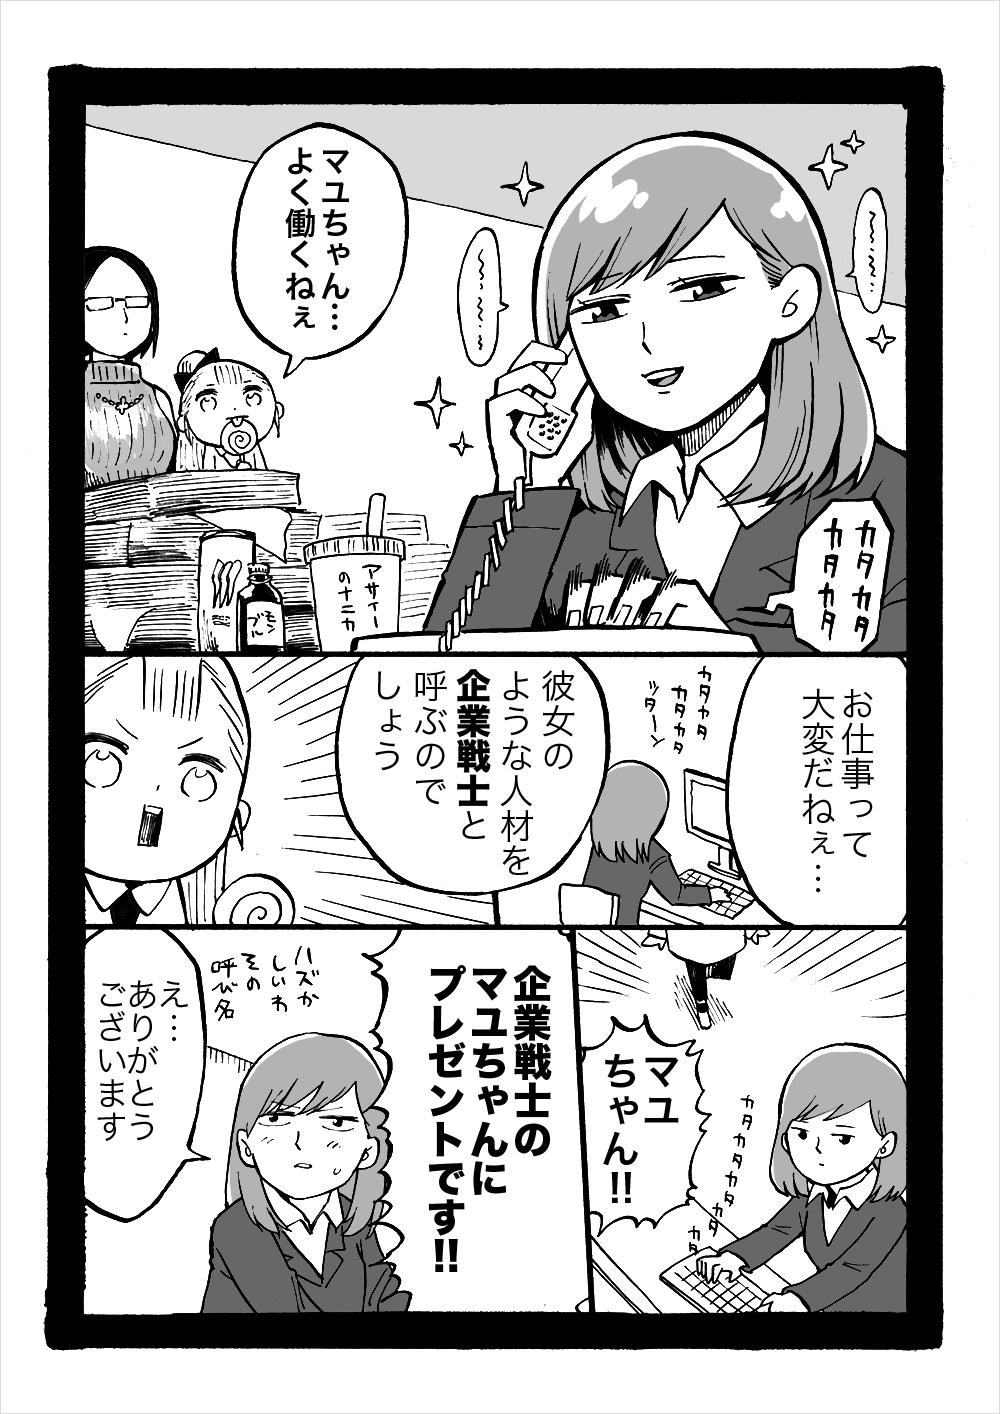 幼女社長(きぎょうせんし)